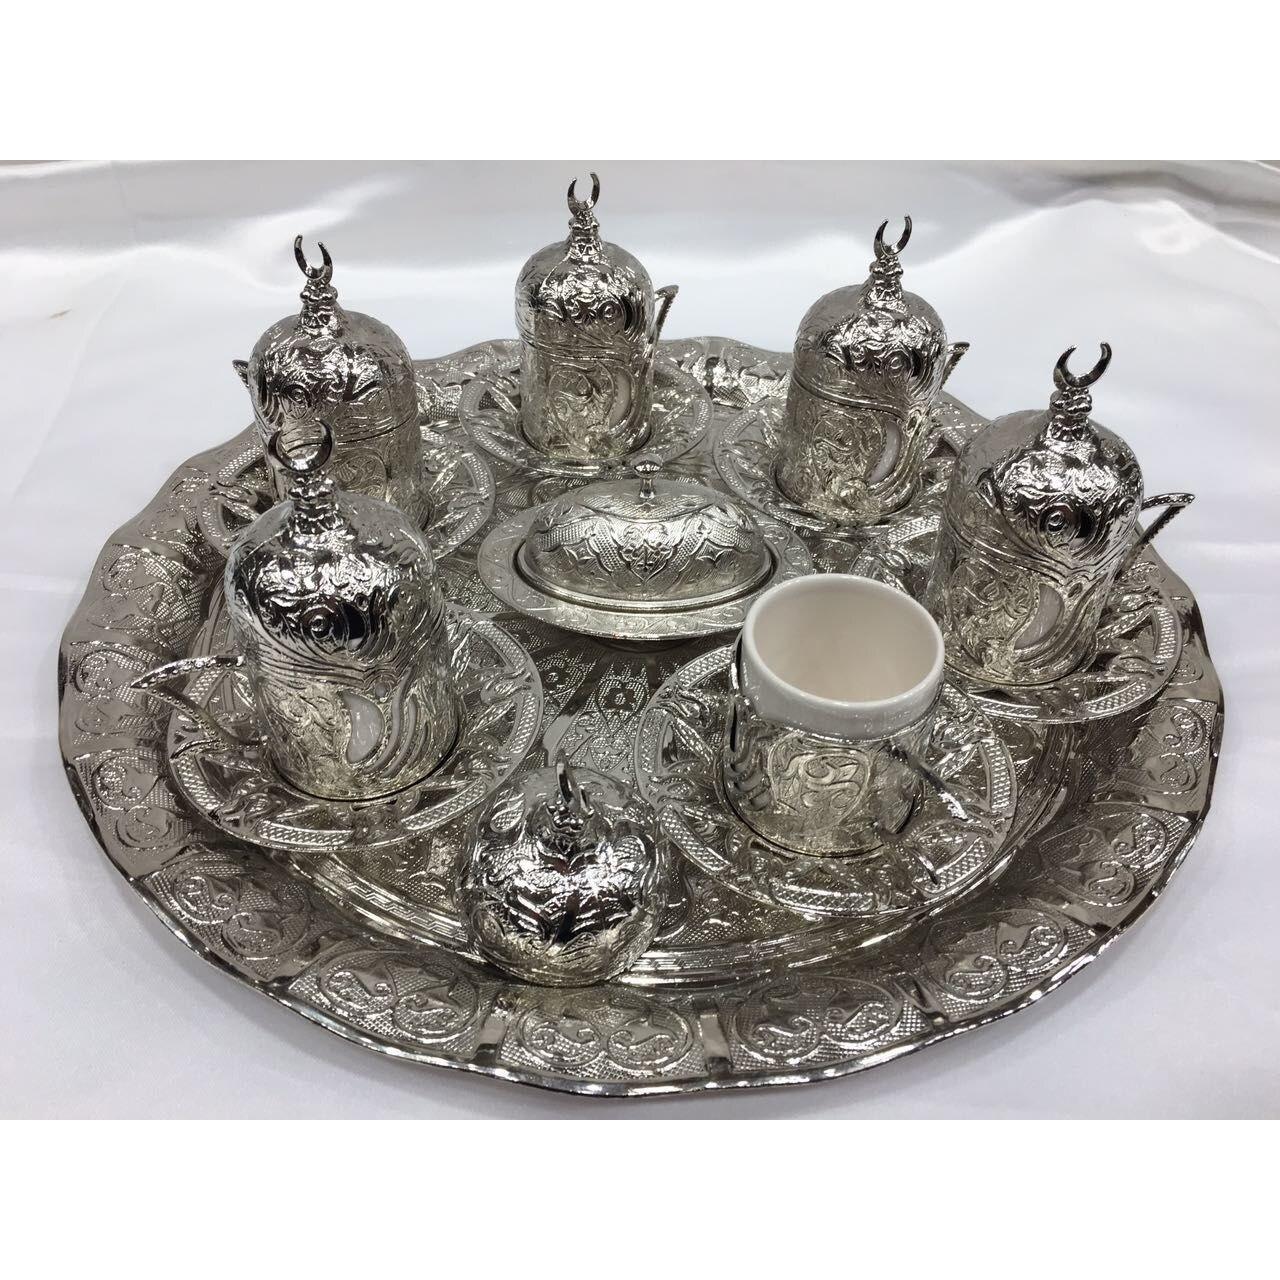 Ручной Работы Медные османские чашки для турецкого кофе набор/6 шт арабский кофе набор чайных чашек эспрессо сделанный в Турции